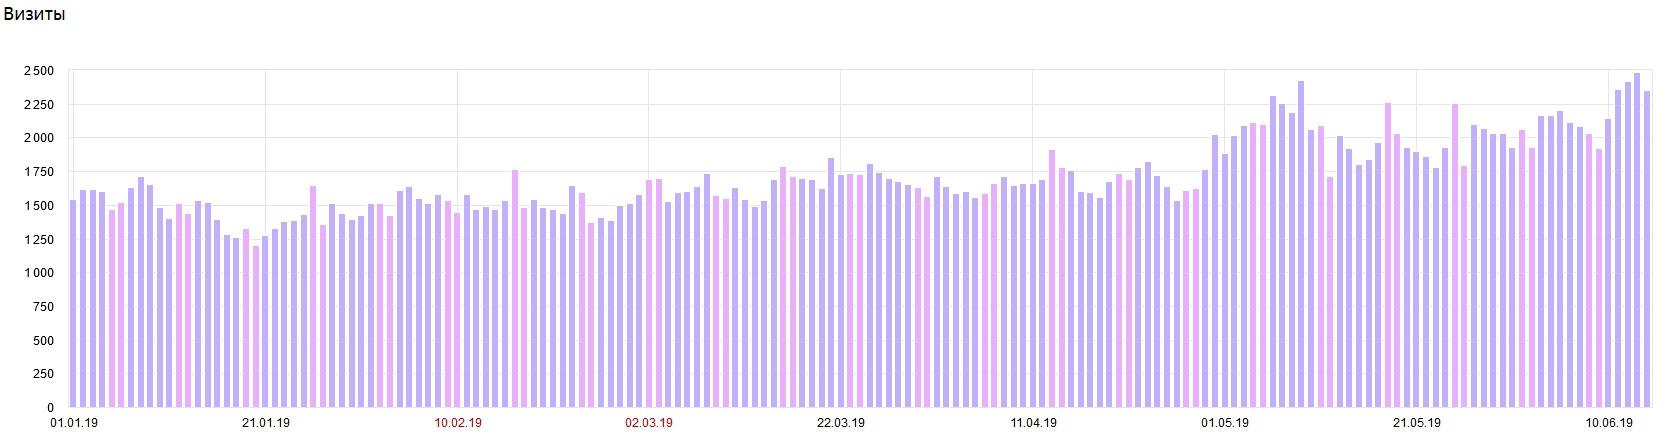 Посещаемость сайта за период с 01.01-14.06.19